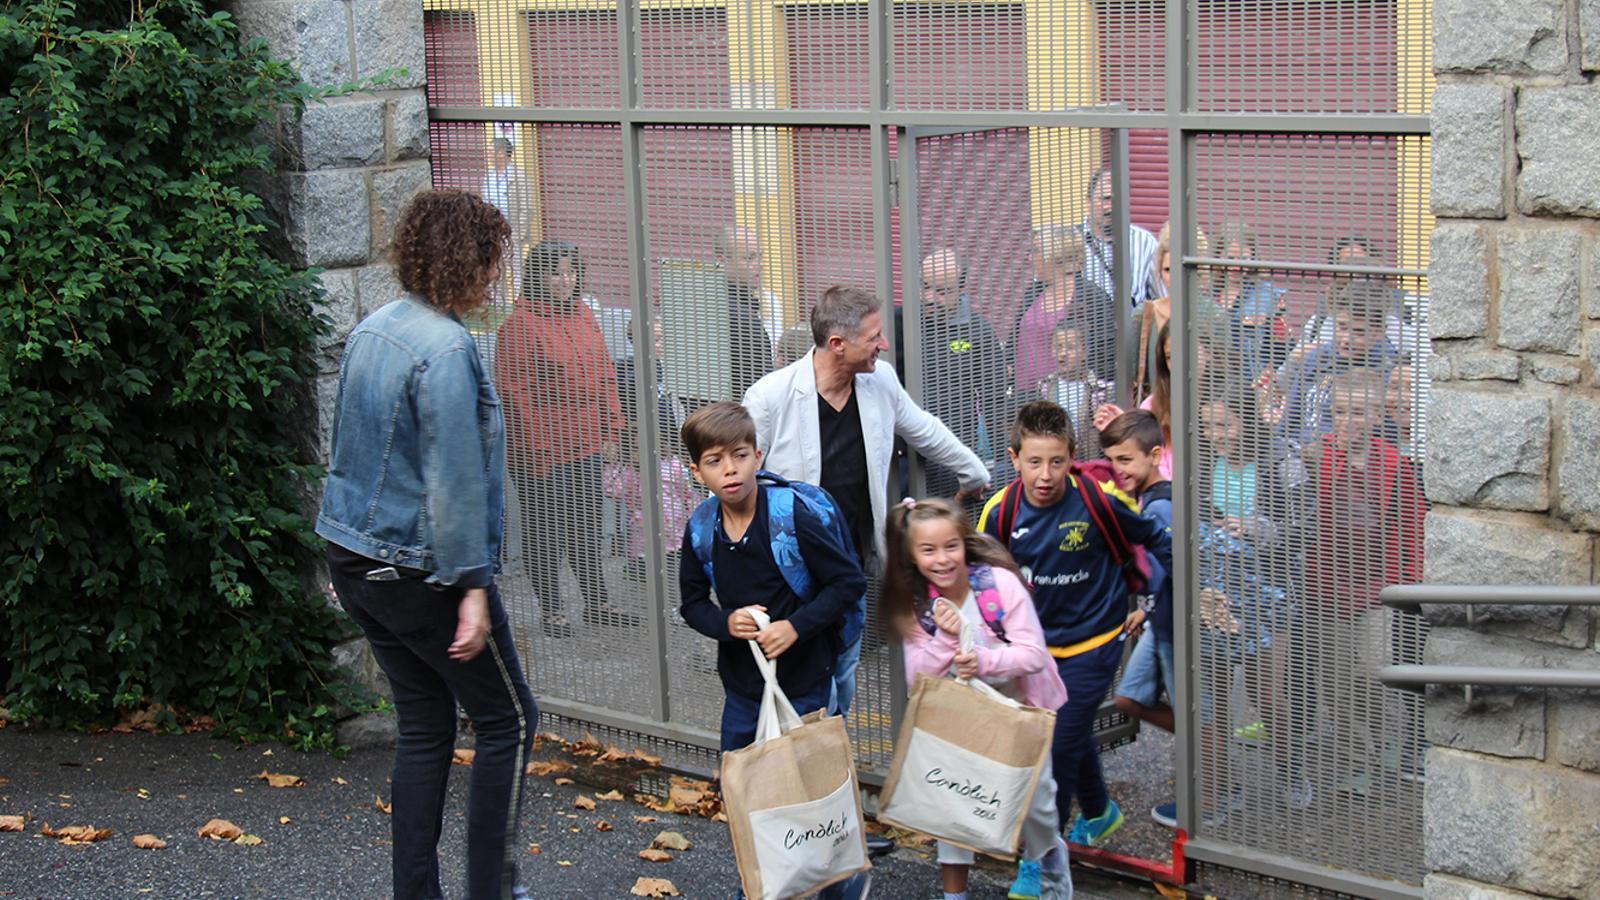 Els alumnes de l'escola andorrana de Sant Julià de Lòria en el primer dia del curs escolar. / M. F. (ANA)